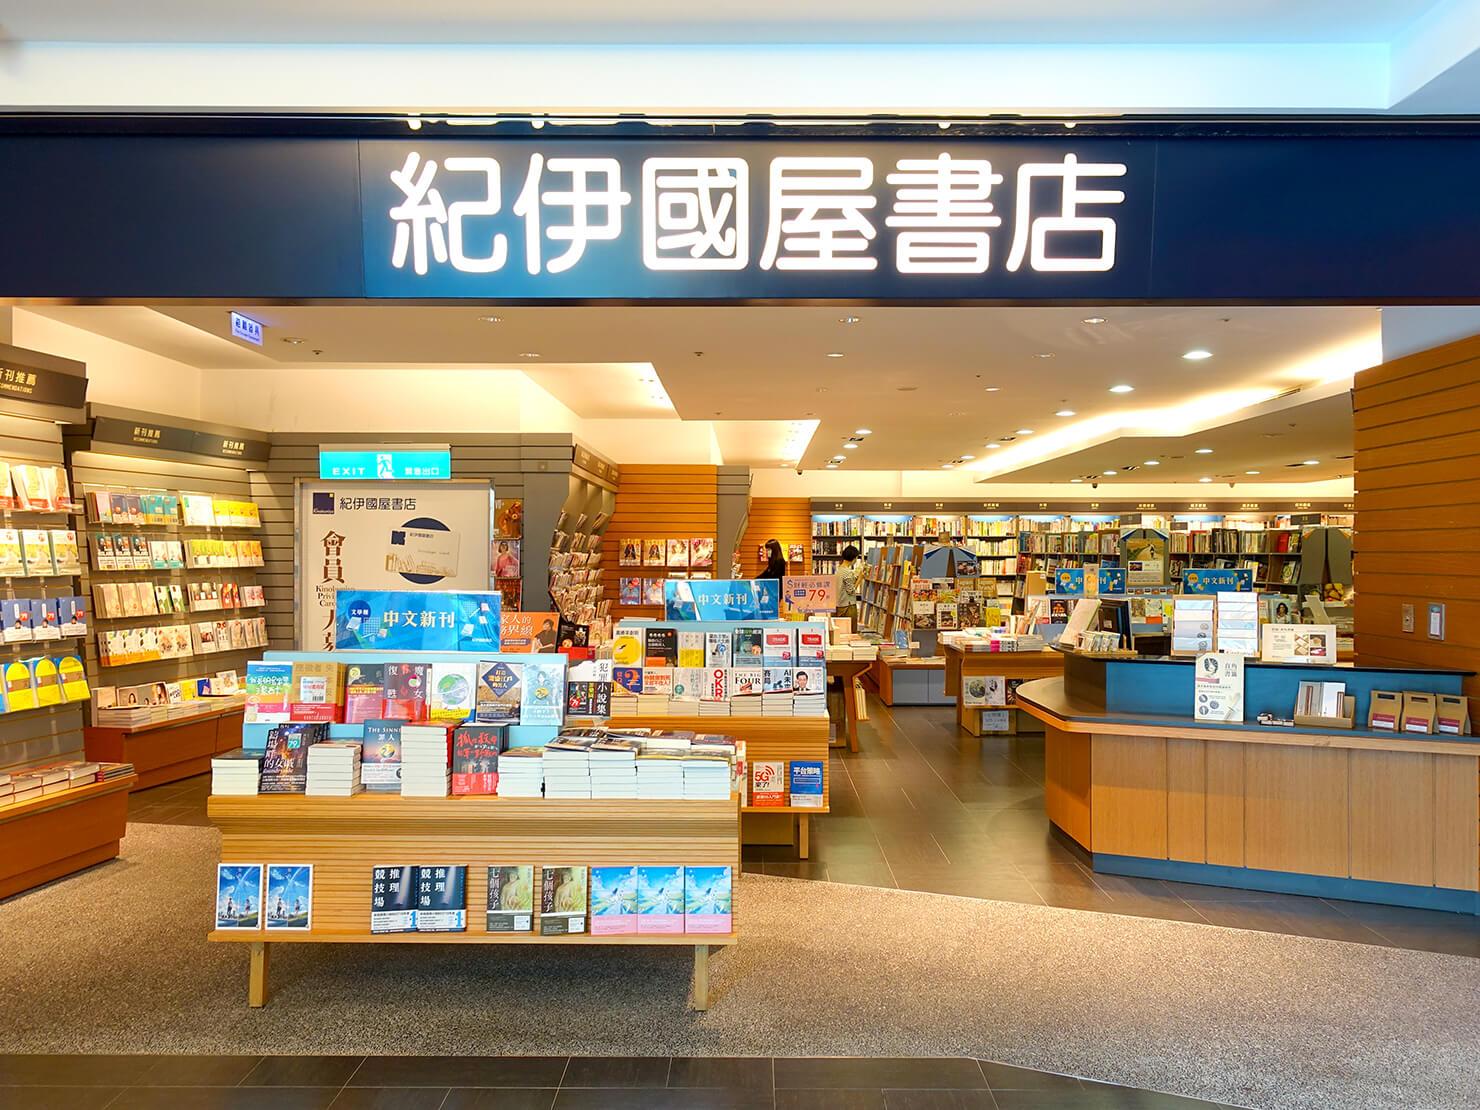 台北で日本語の本が買えるおすすめの本屋さん「紀伊国屋書店」